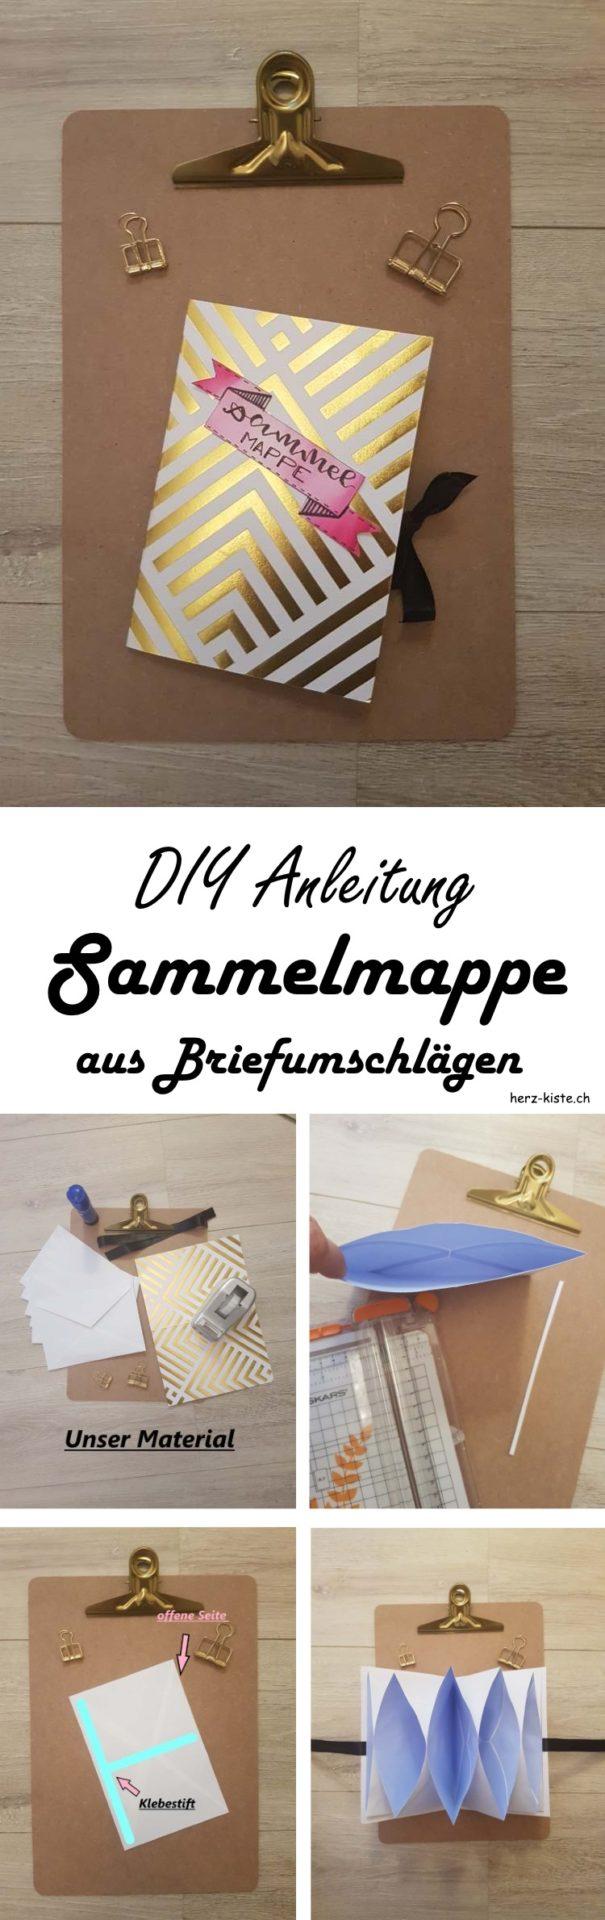 DIY Anleitung: Schritt für Schritt zur selbstgemachten Sammelmappe aus Briefumschlägen